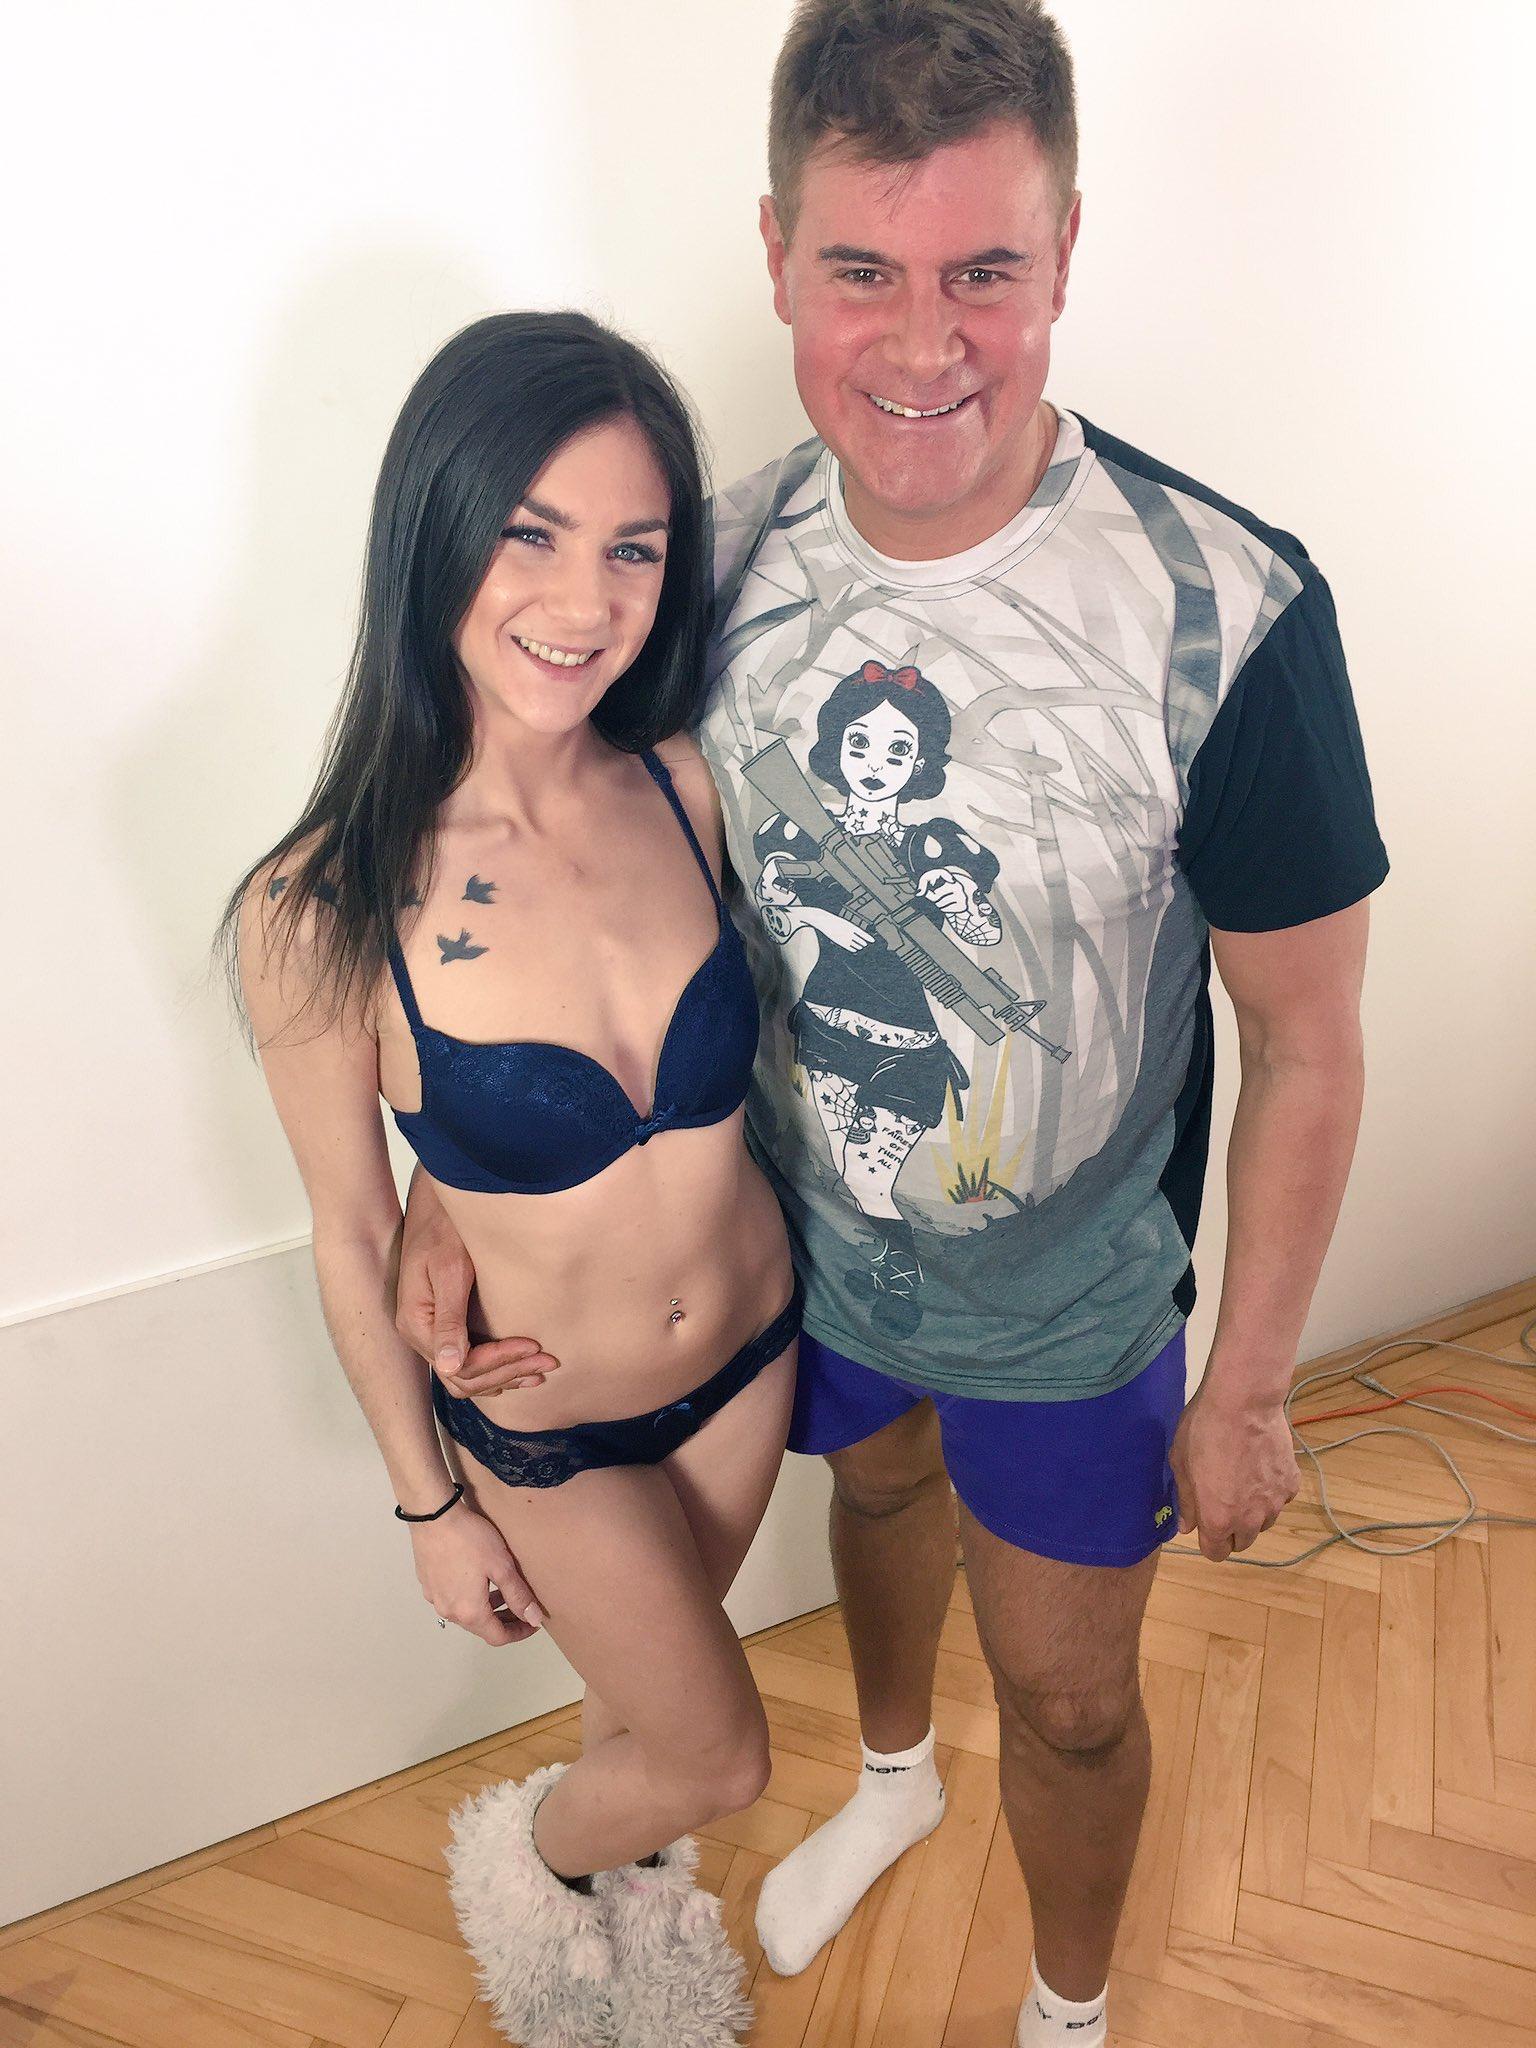 Lullu porno